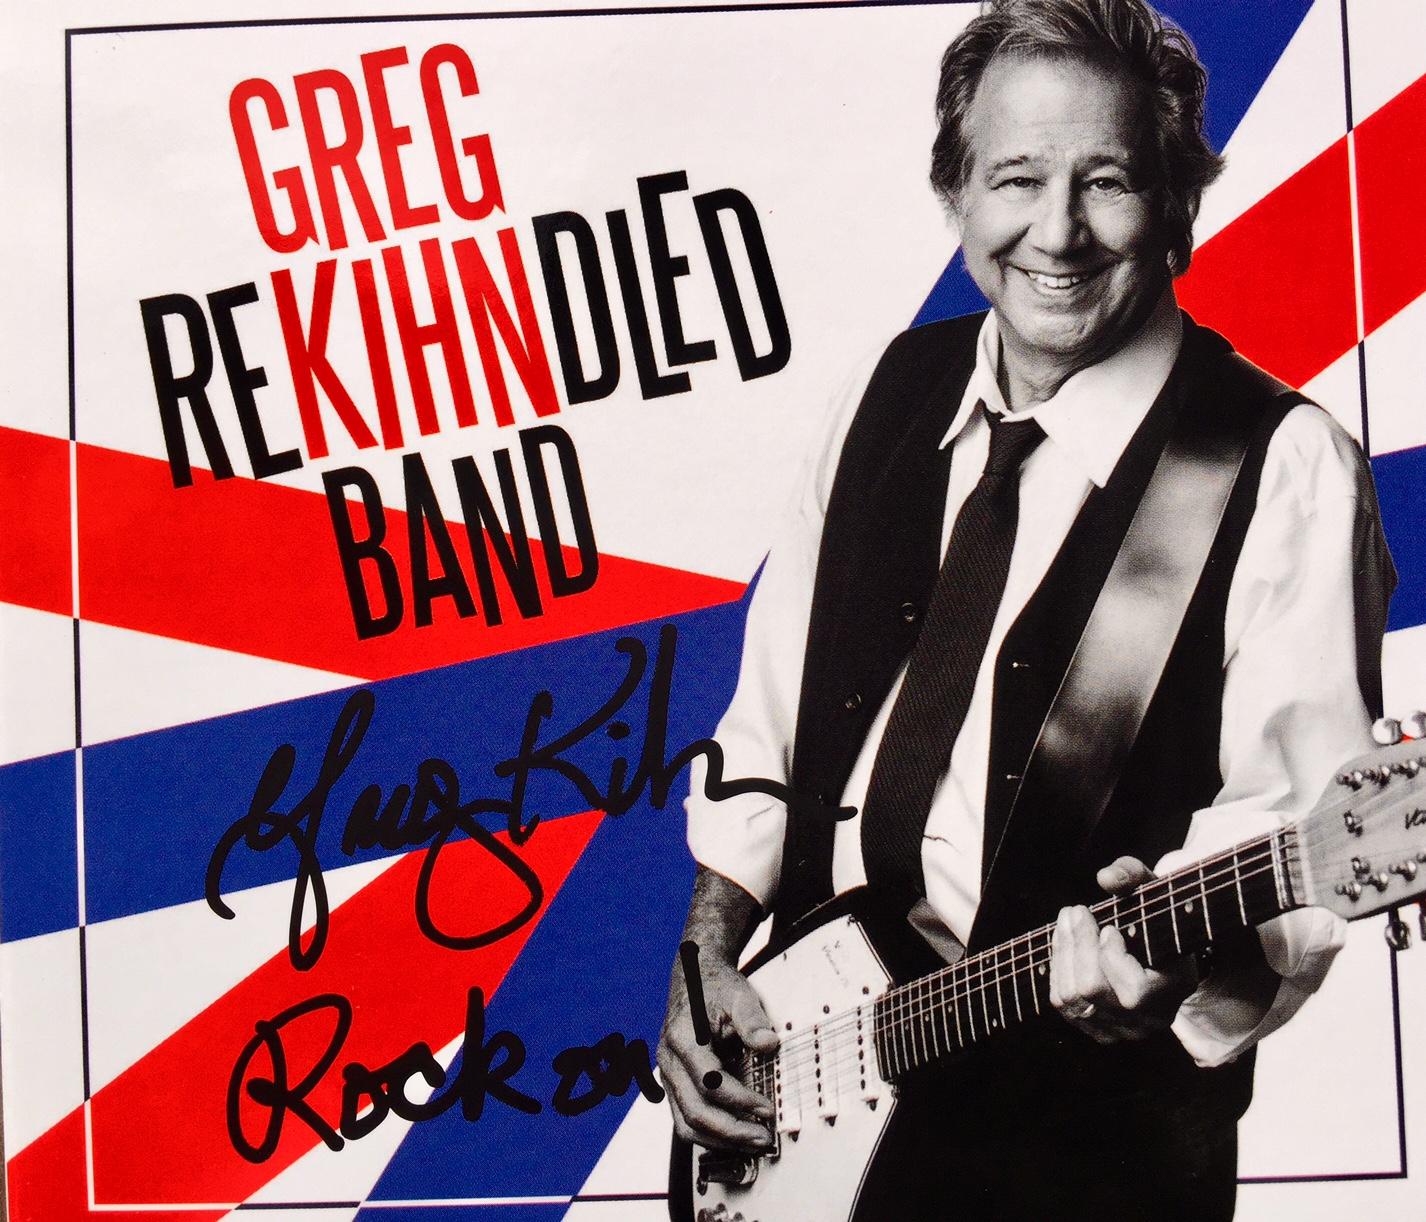 Autographed Greg Kihn Band Rekihndled